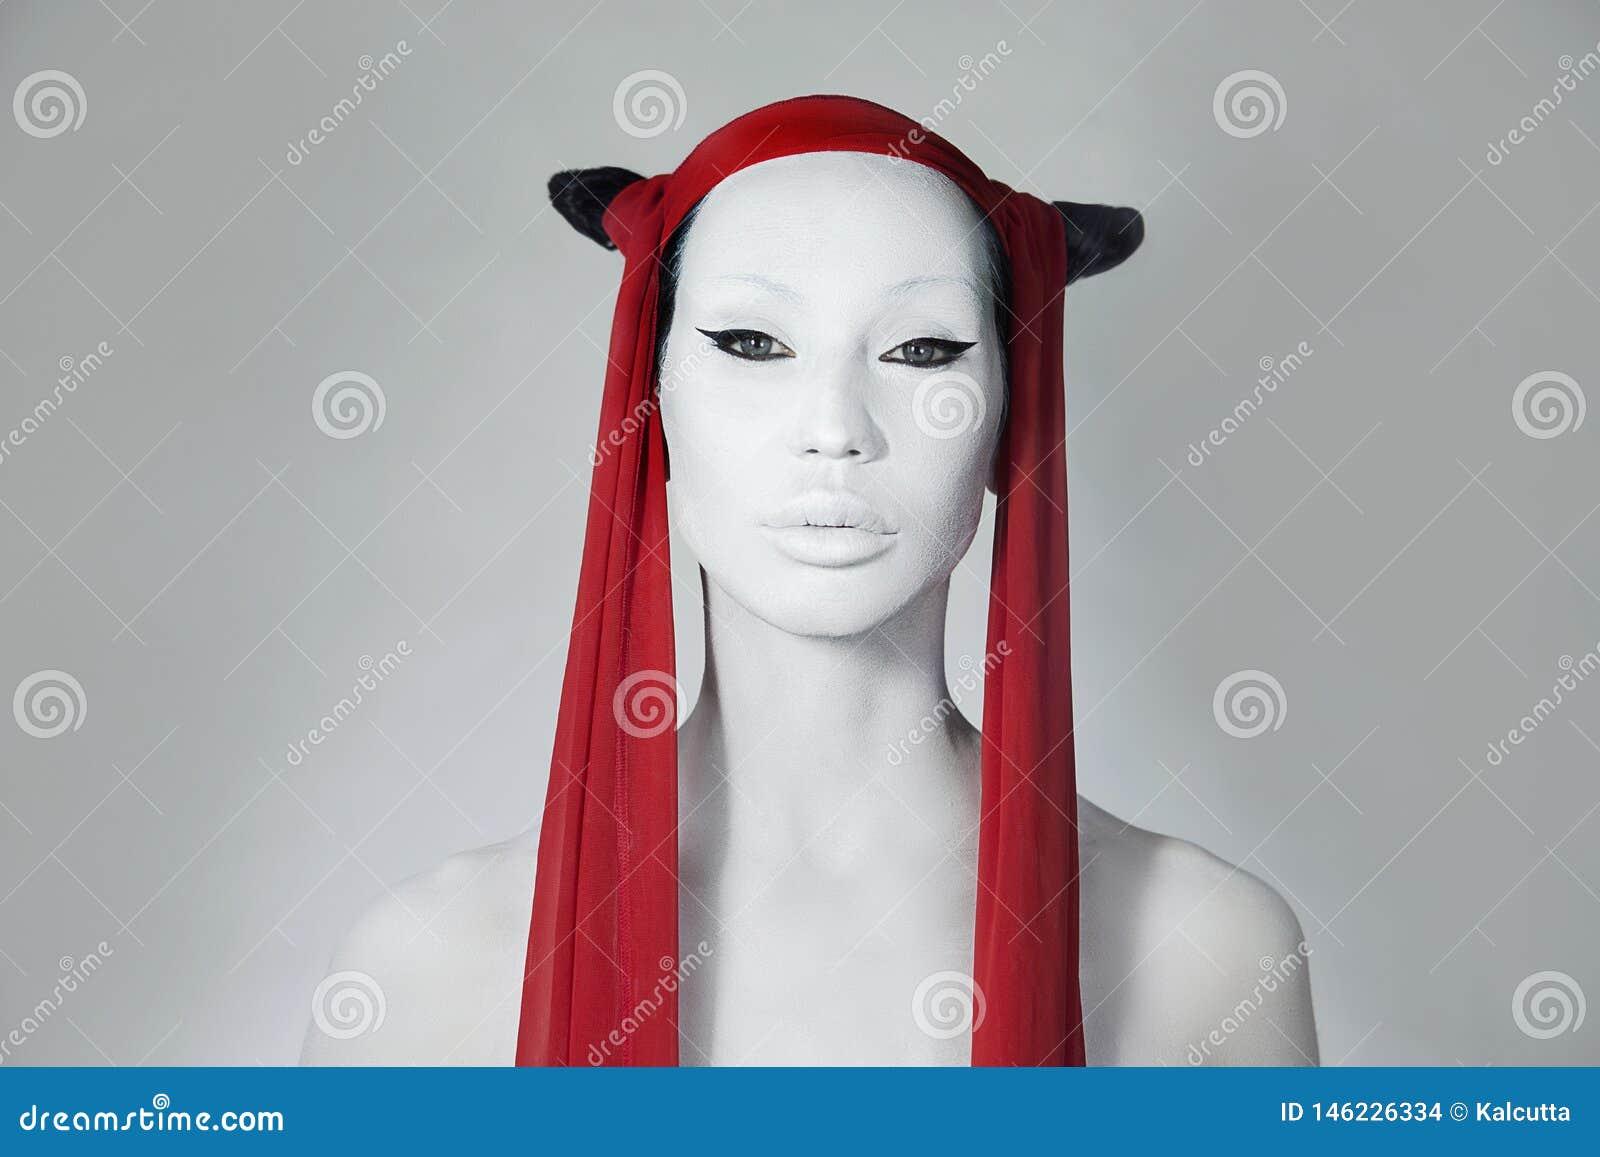 Fascino creativo Ragazza con il fronte bianco Trucco pazzo di modo, accessorio e acconciatura creativa bellezza Bella donna Modo